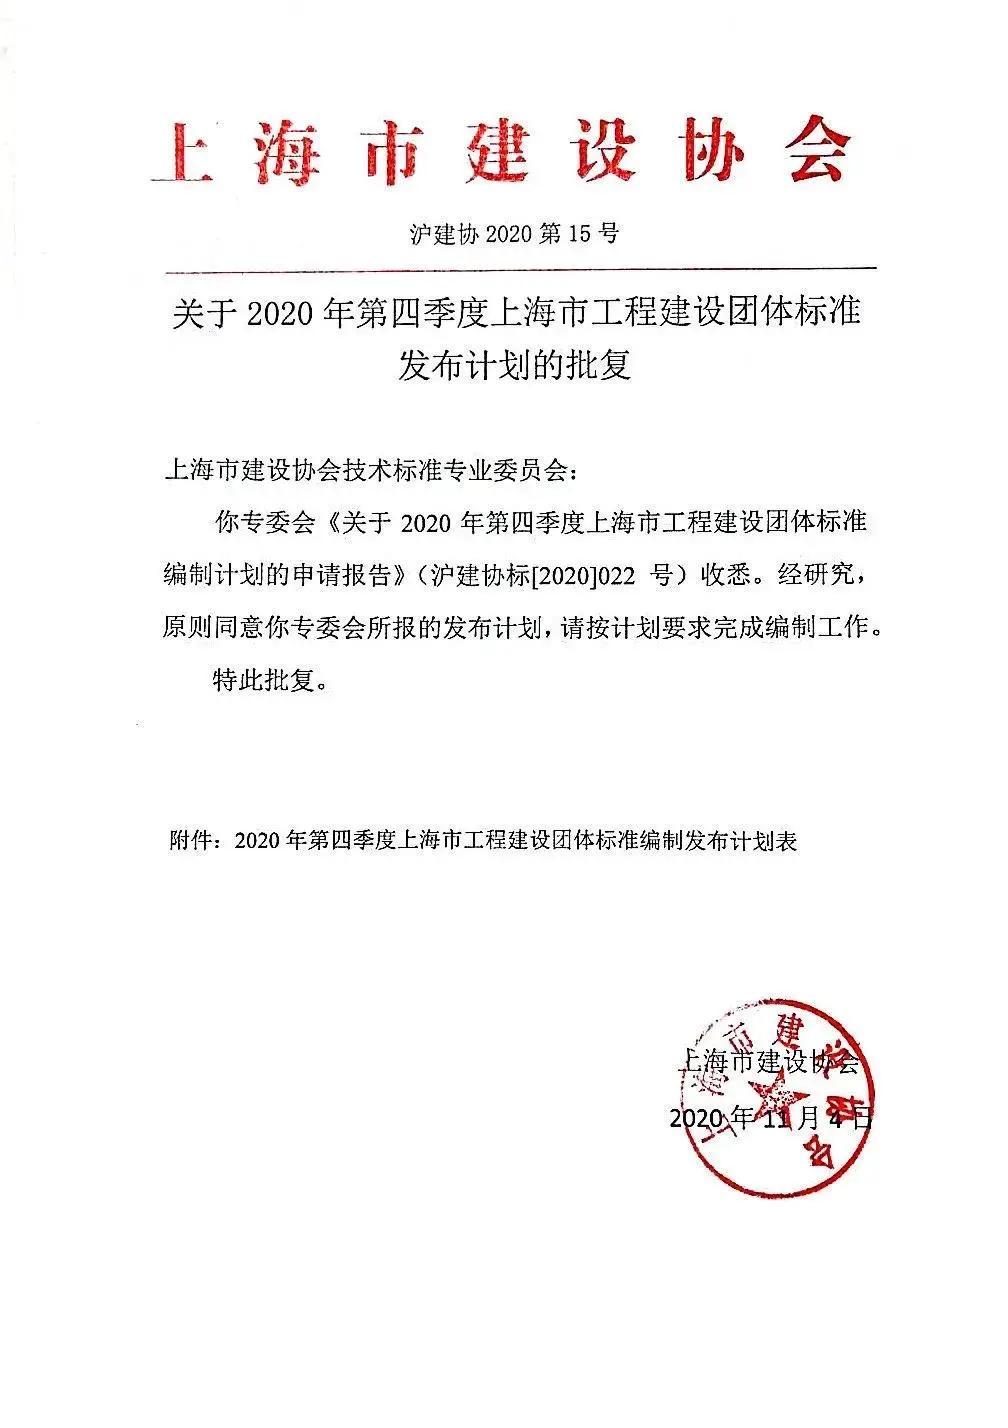 3项保温材料相关标准被列入上海市工程建设团体标准编制计划